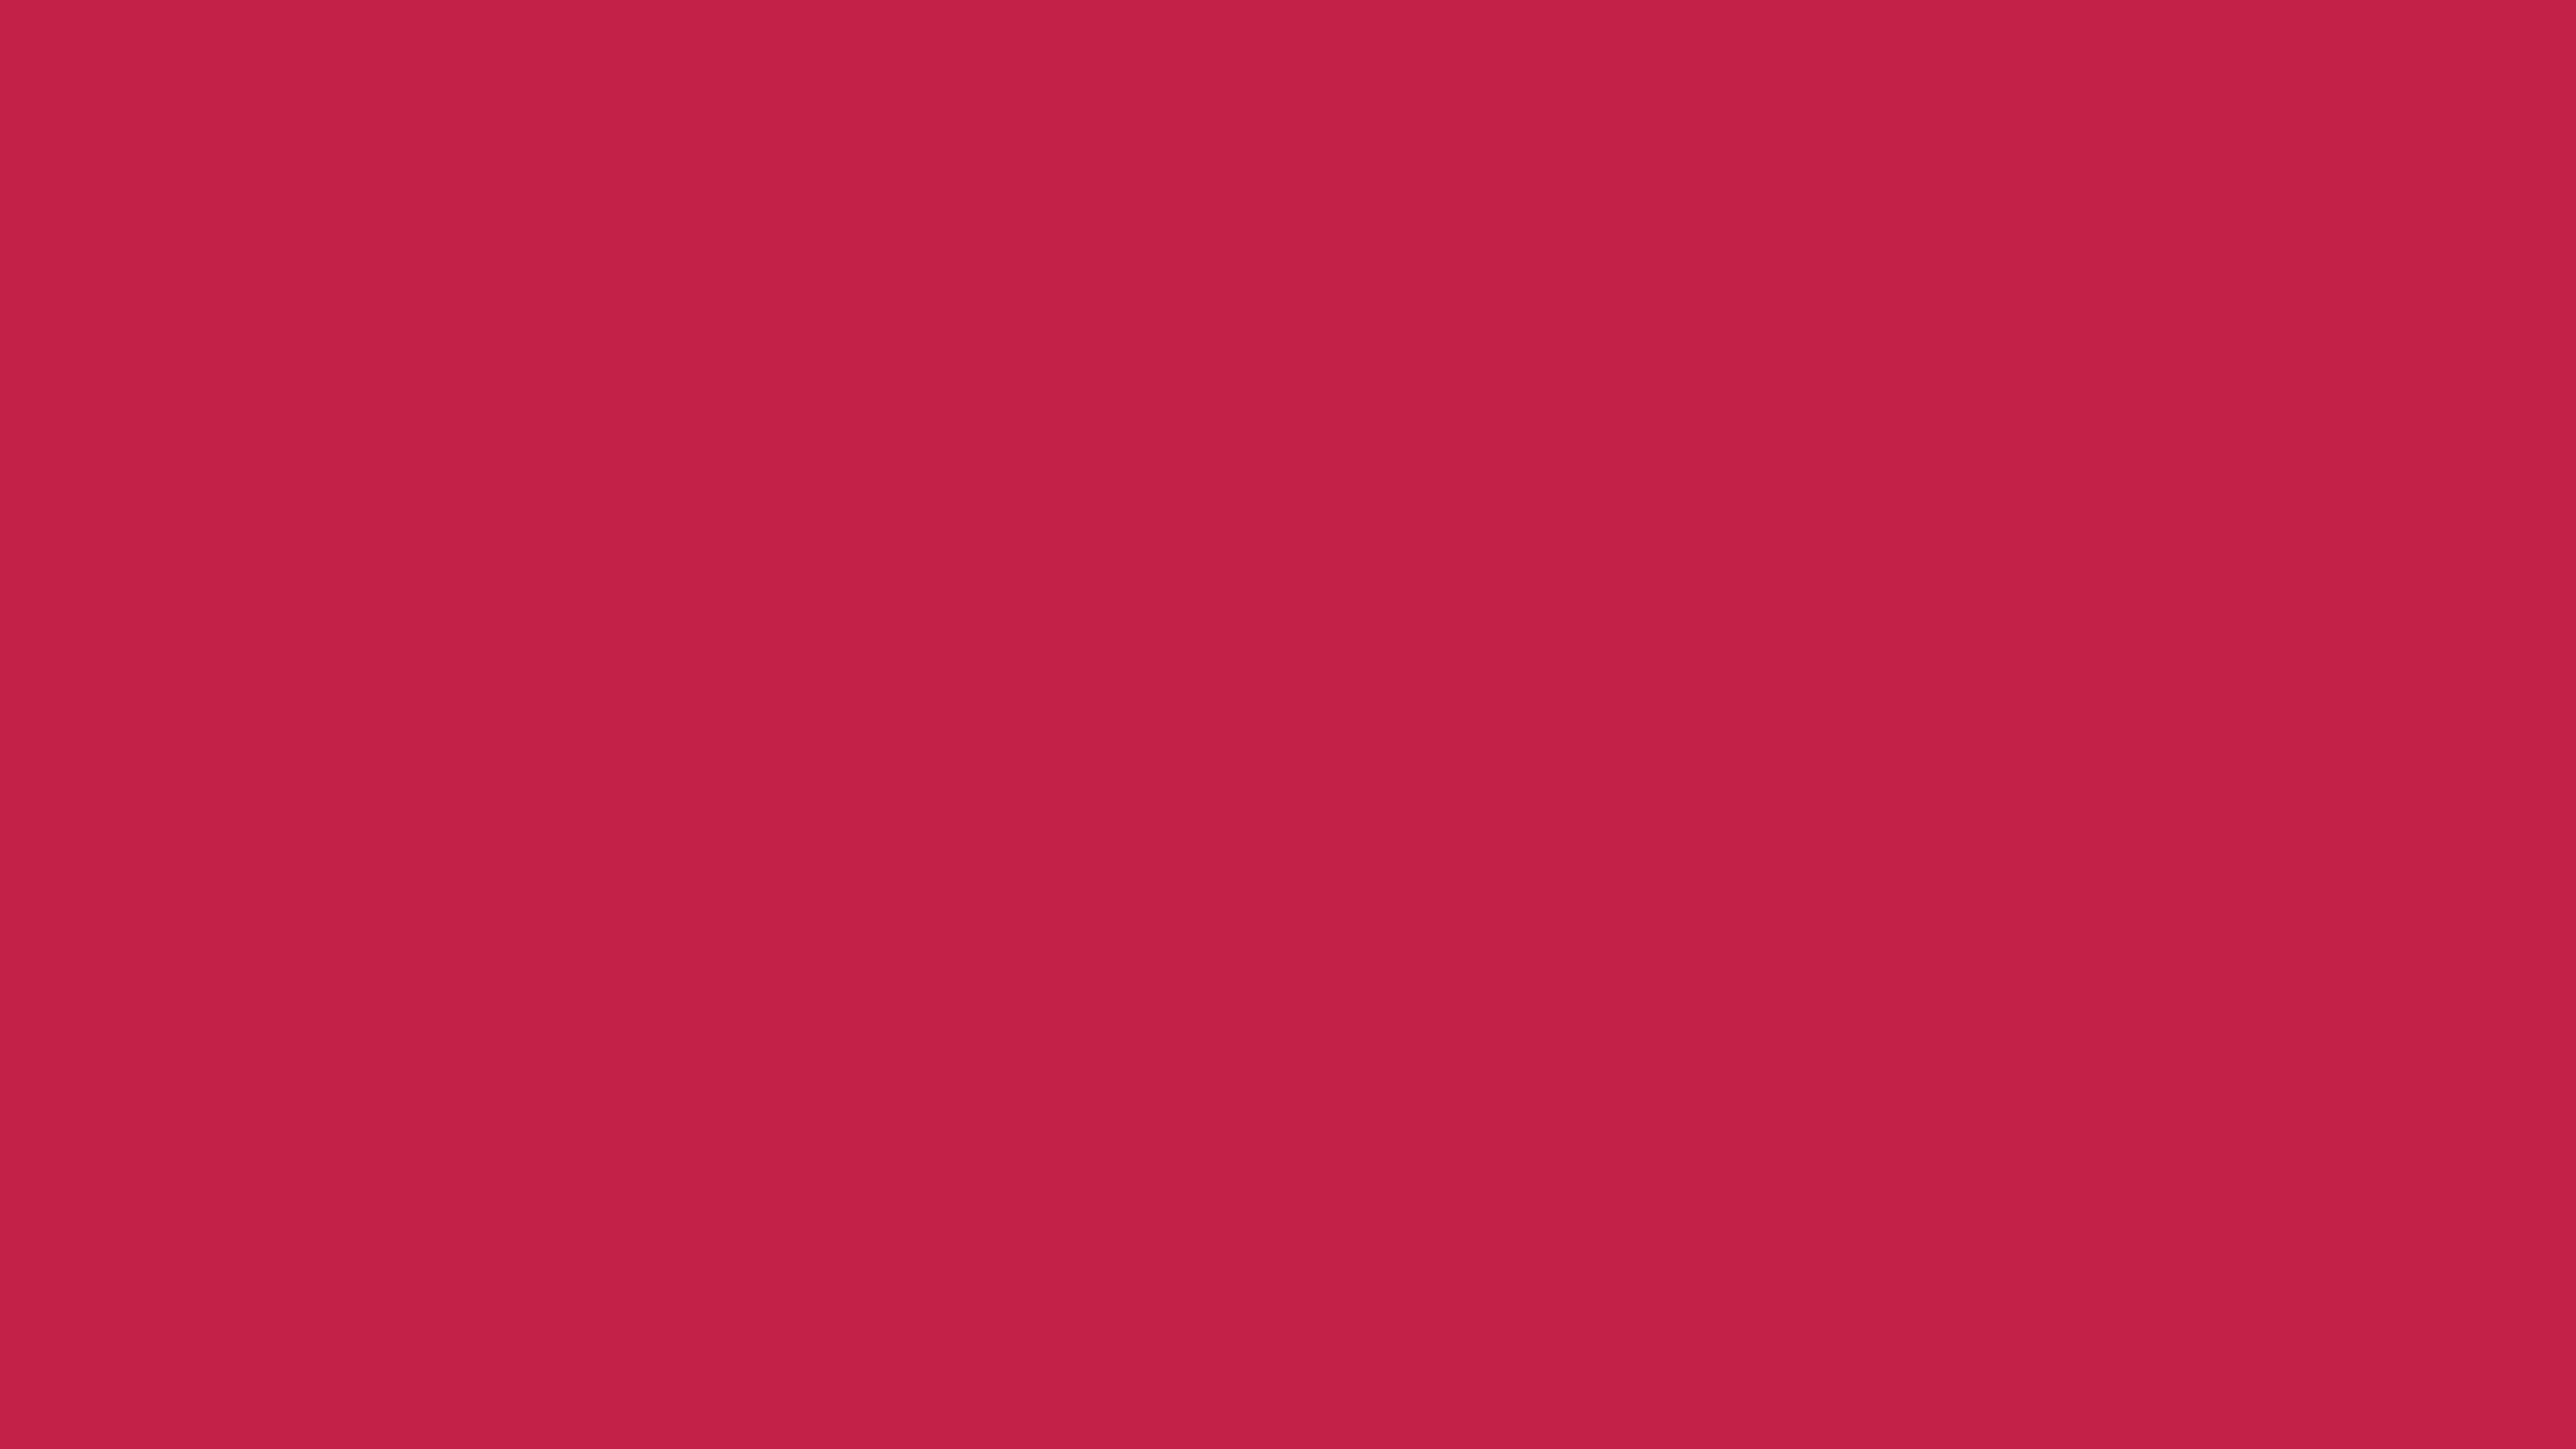 3840x2160 Maroon Crayola Solid Color Background